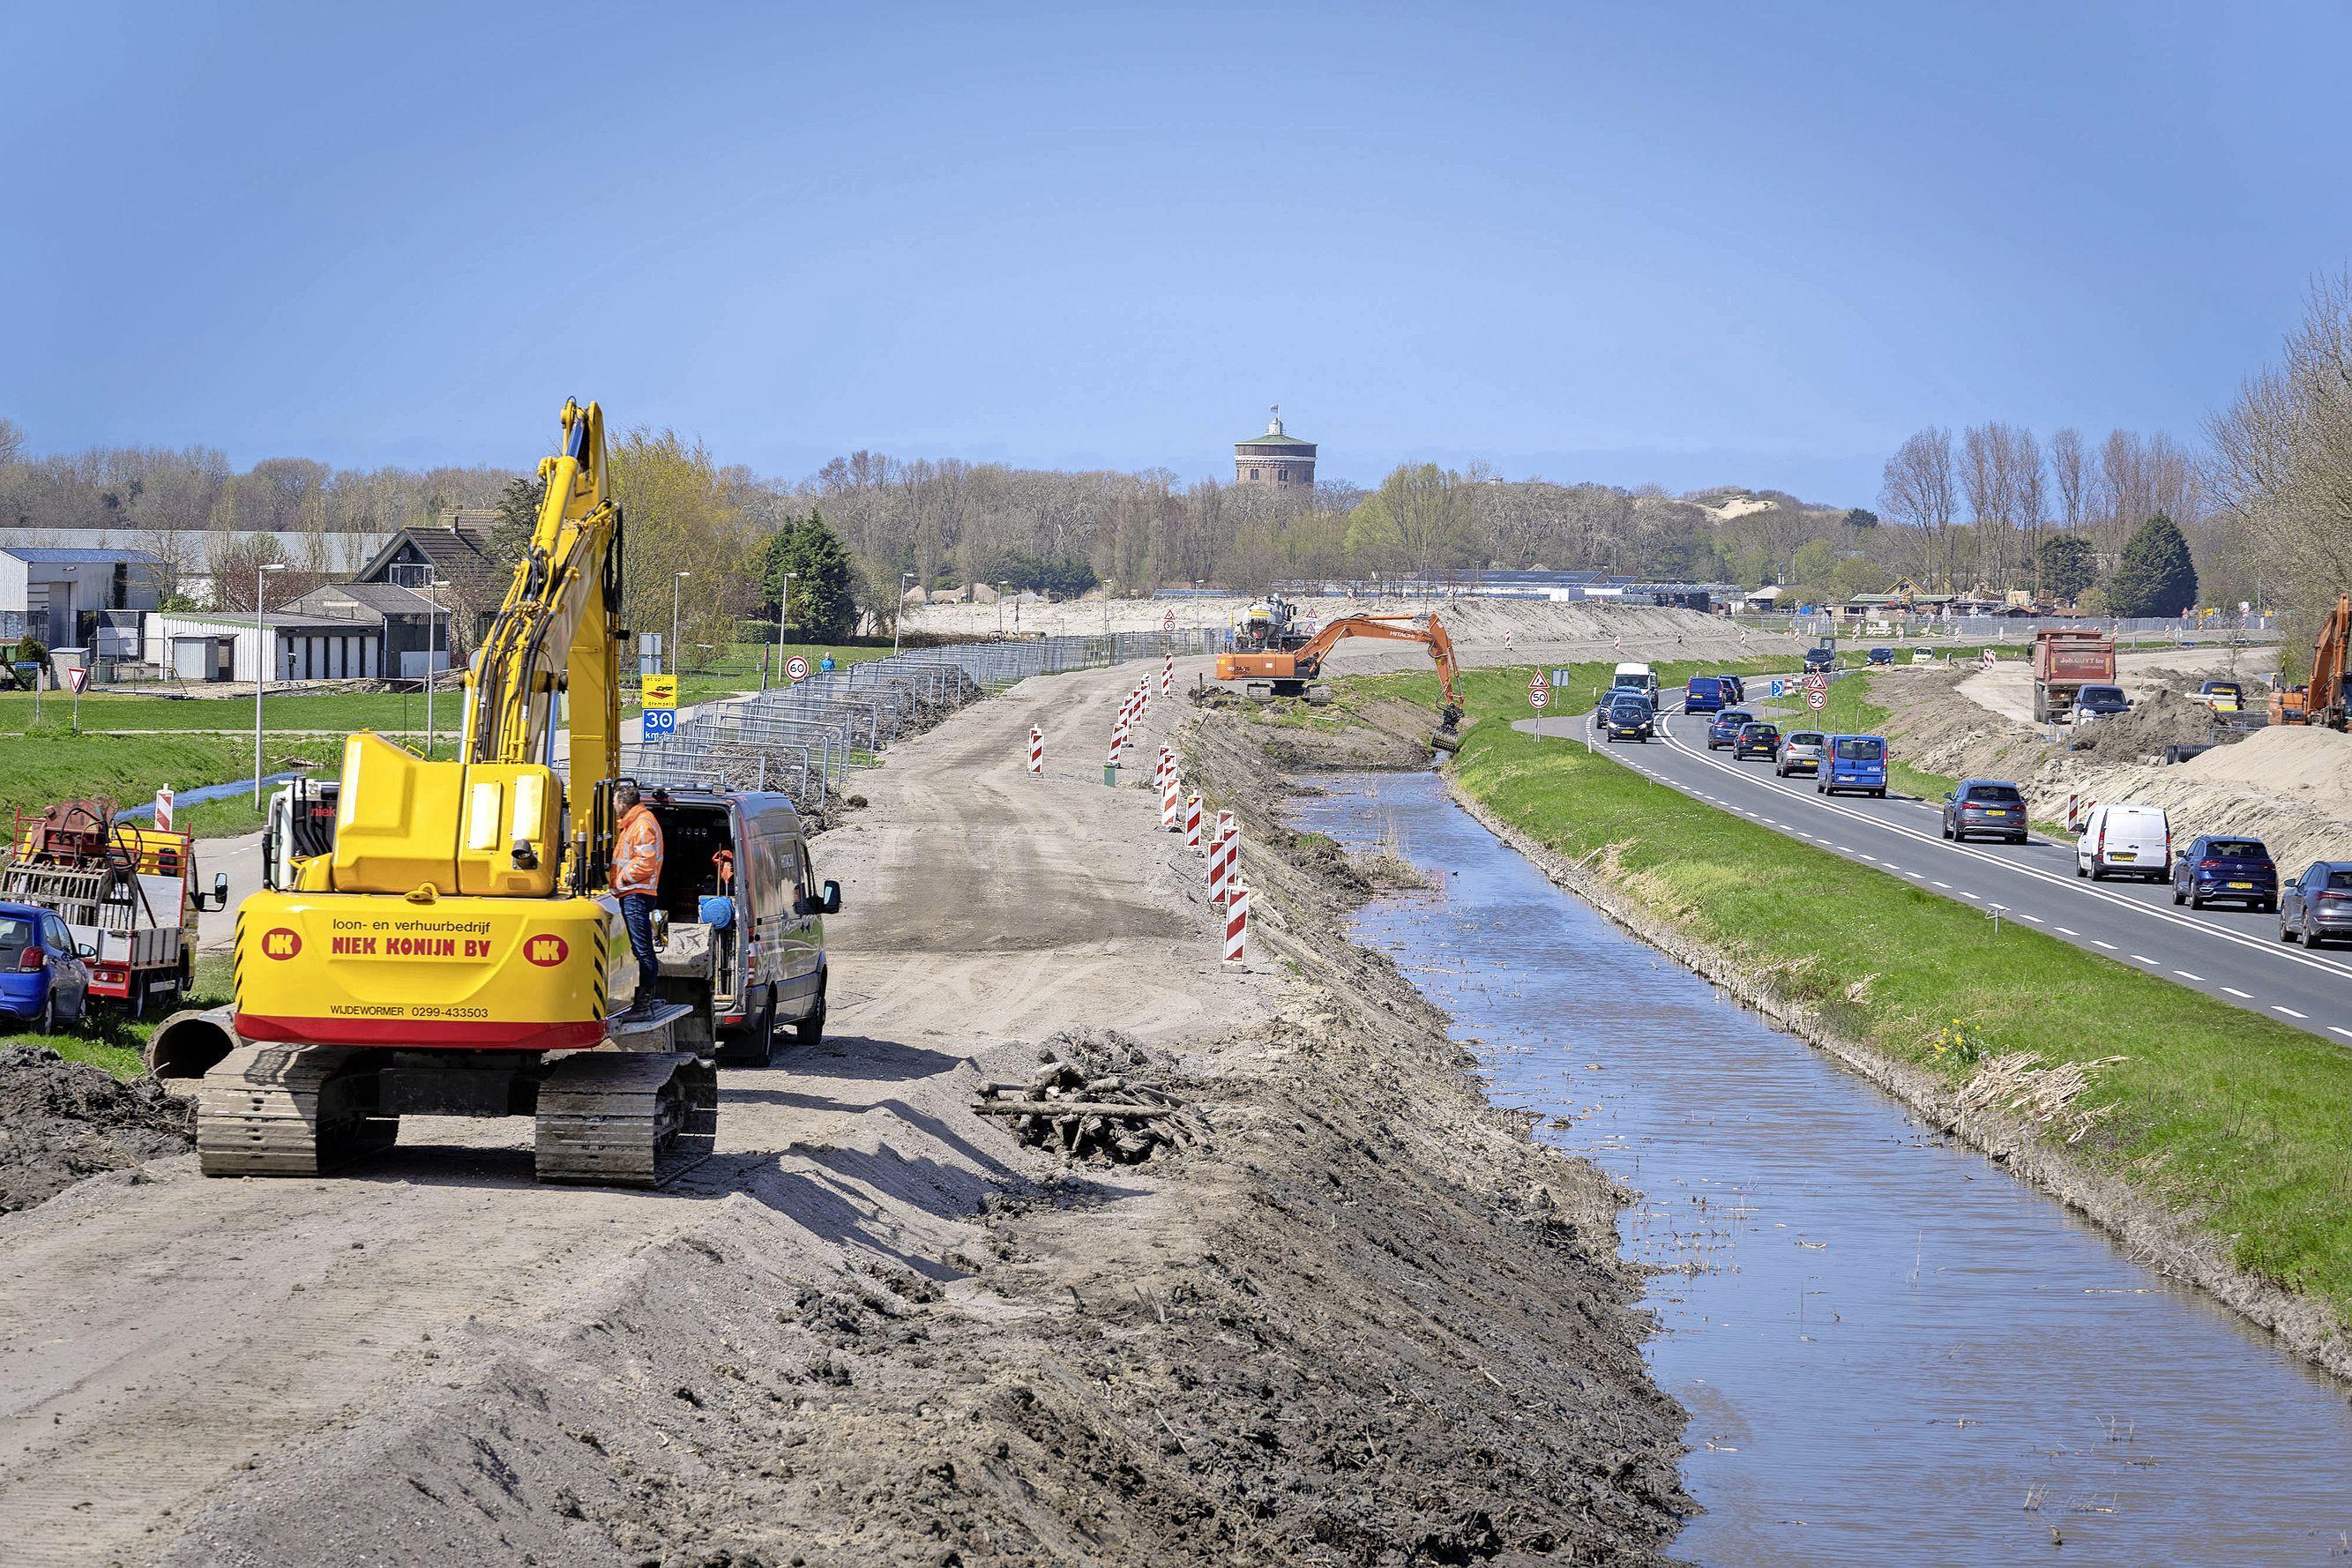 Vervuild ophoogmateriaal voor verbreding N206 bij Valkenburg mogelijk wettelijk toegestaan: 'Daar houden we rekening mee'